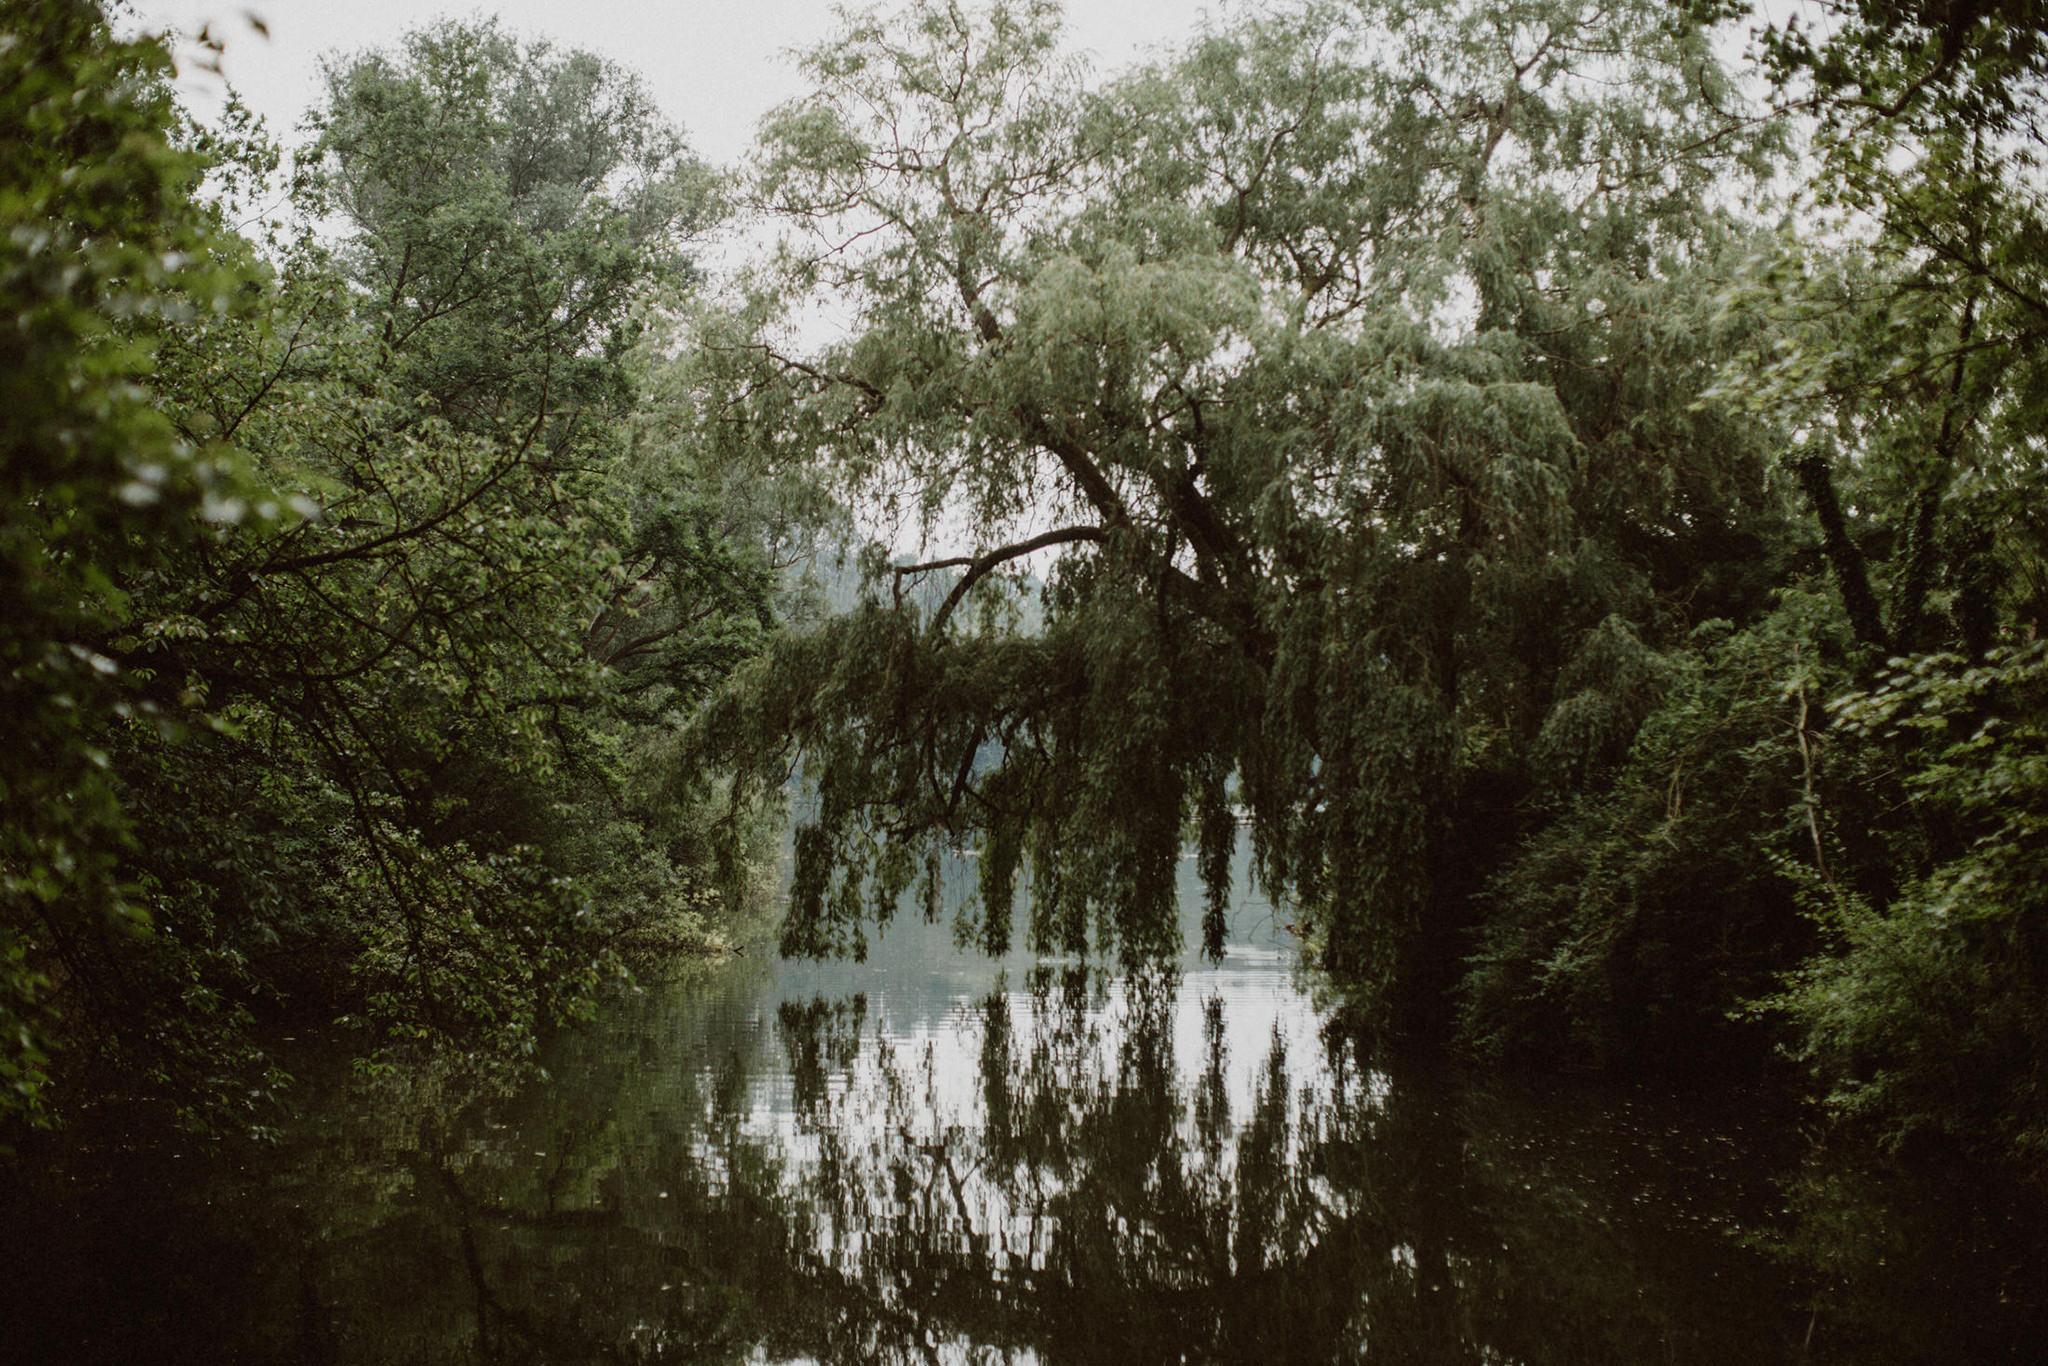 hochzeitsfotografie-hannover-freie-trauung-landhaus-am-see-0001